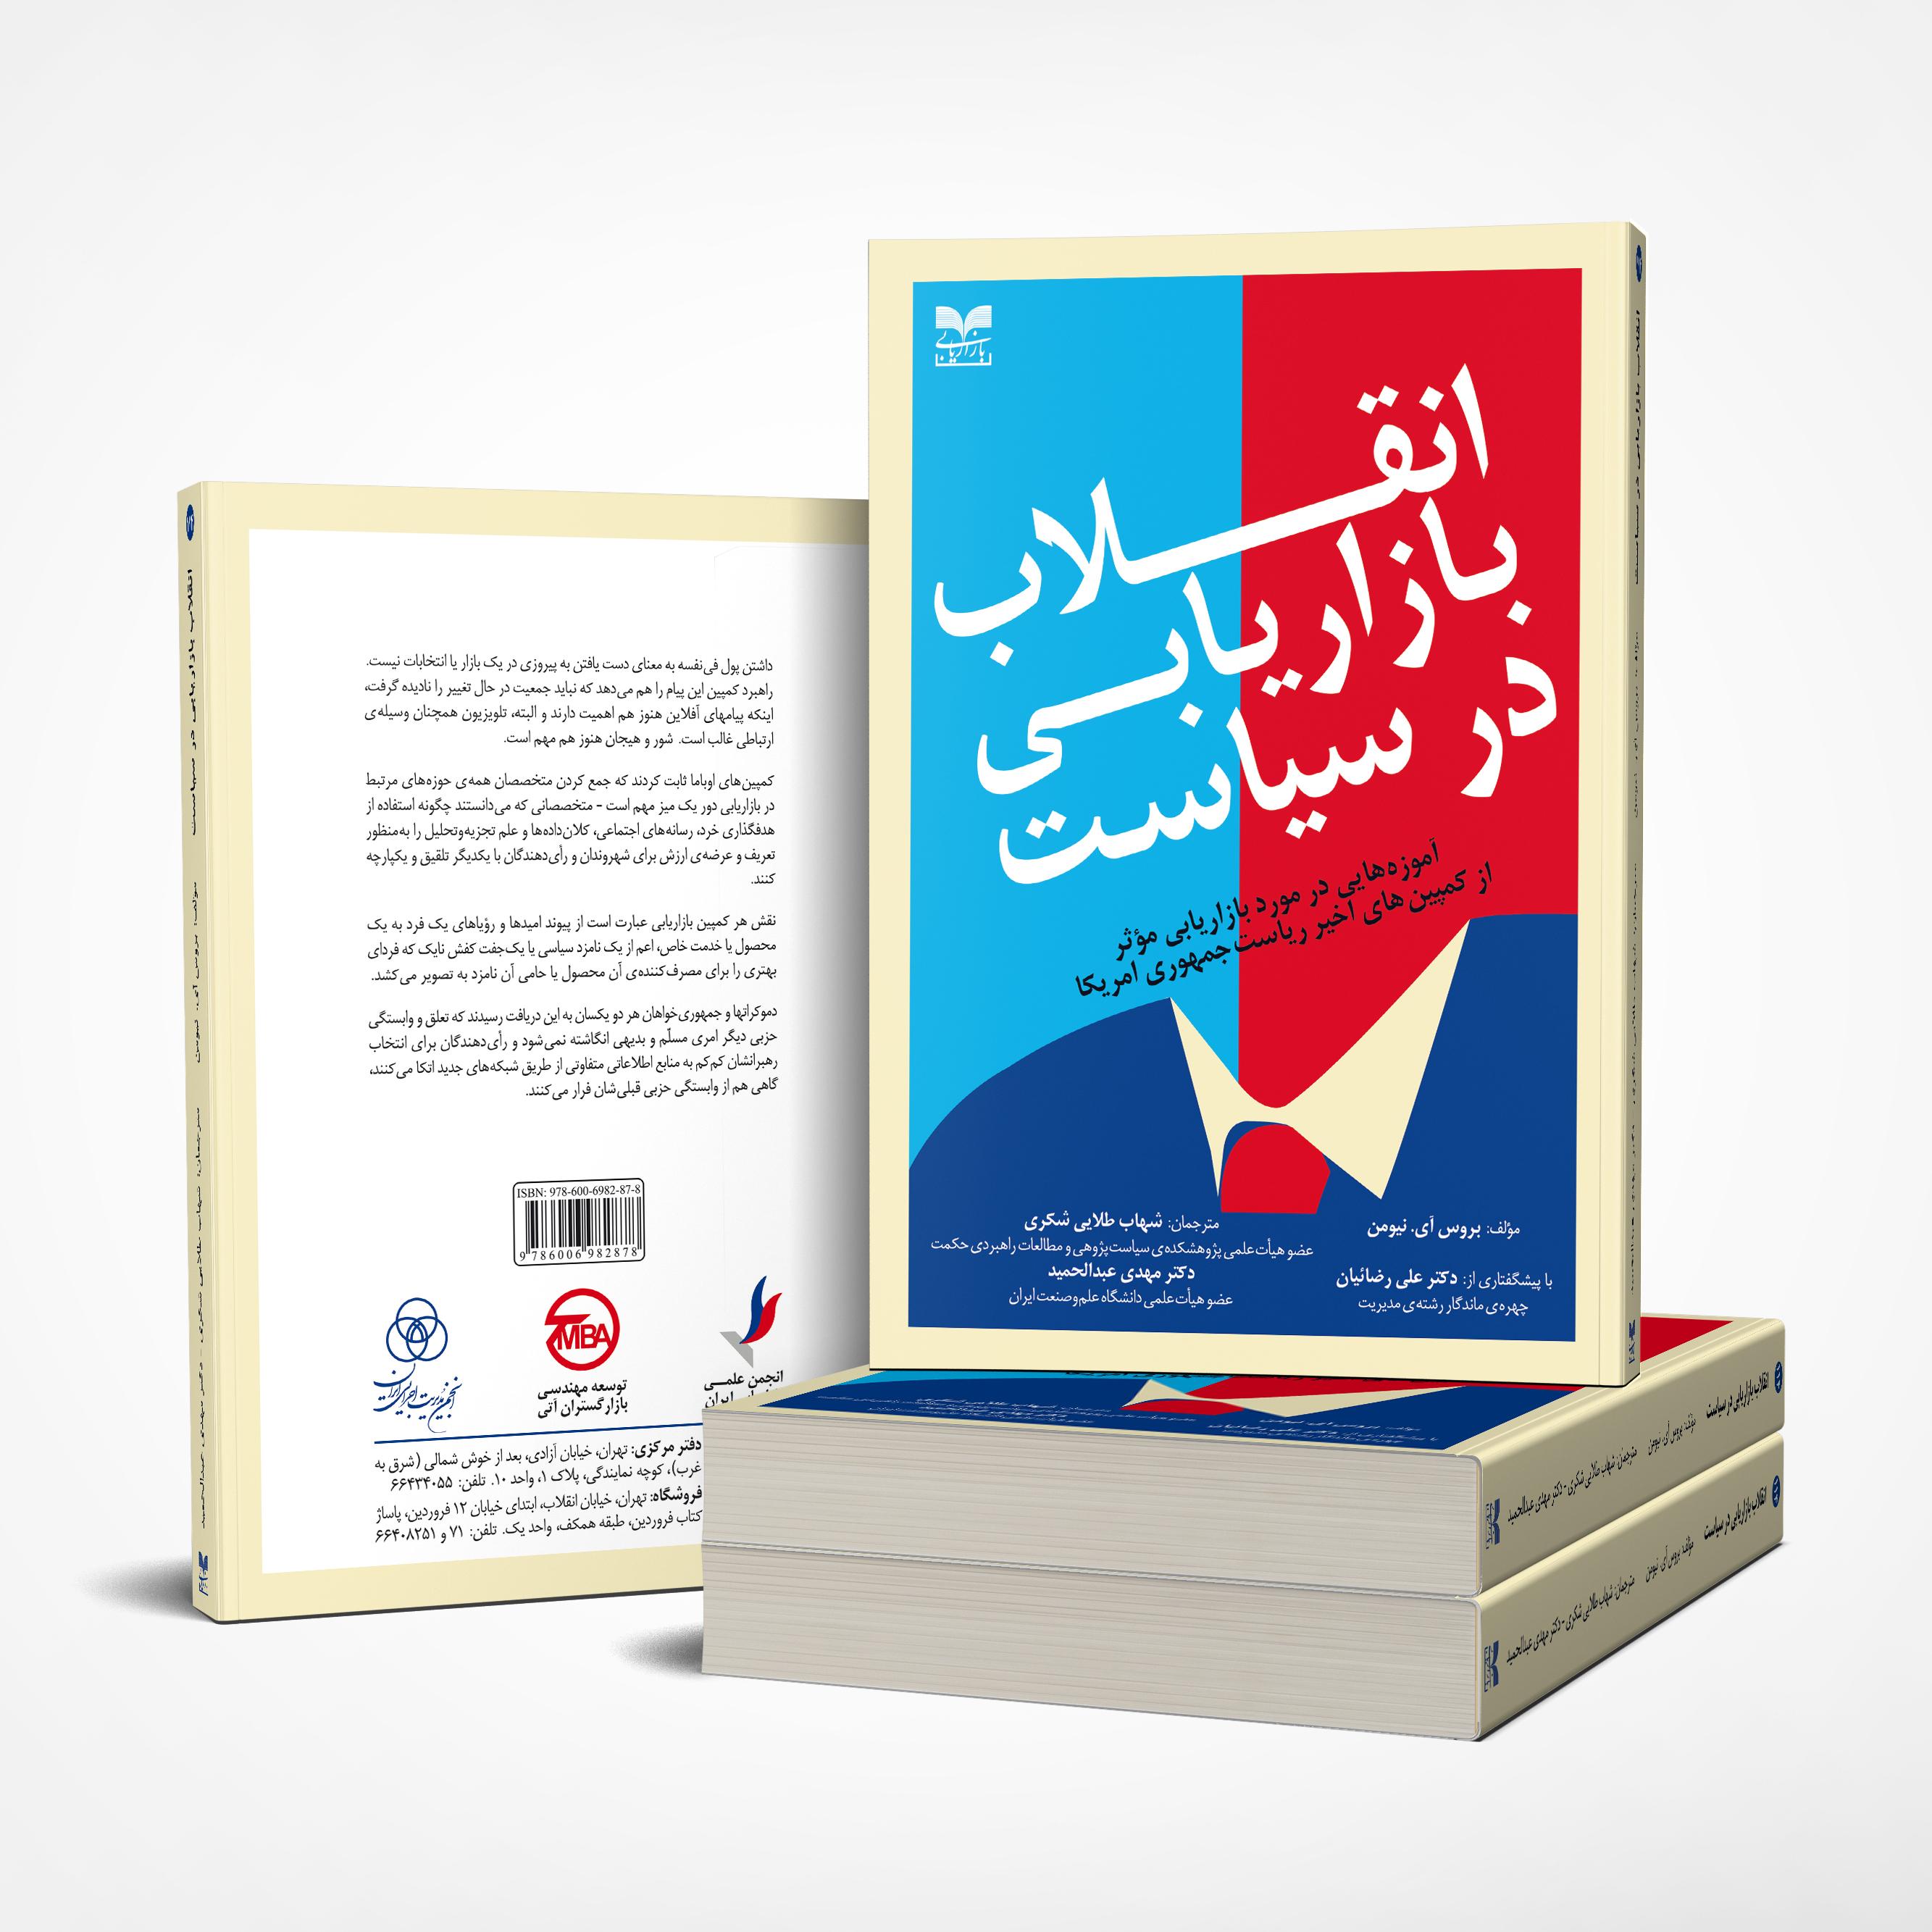 منتشر شد:  «انقلاب بازاریابی در سیاست:  آموزه هایی در مورد بازاریابی مؤثر از کمپین های اخیر ریاست جمهوری امریکا»